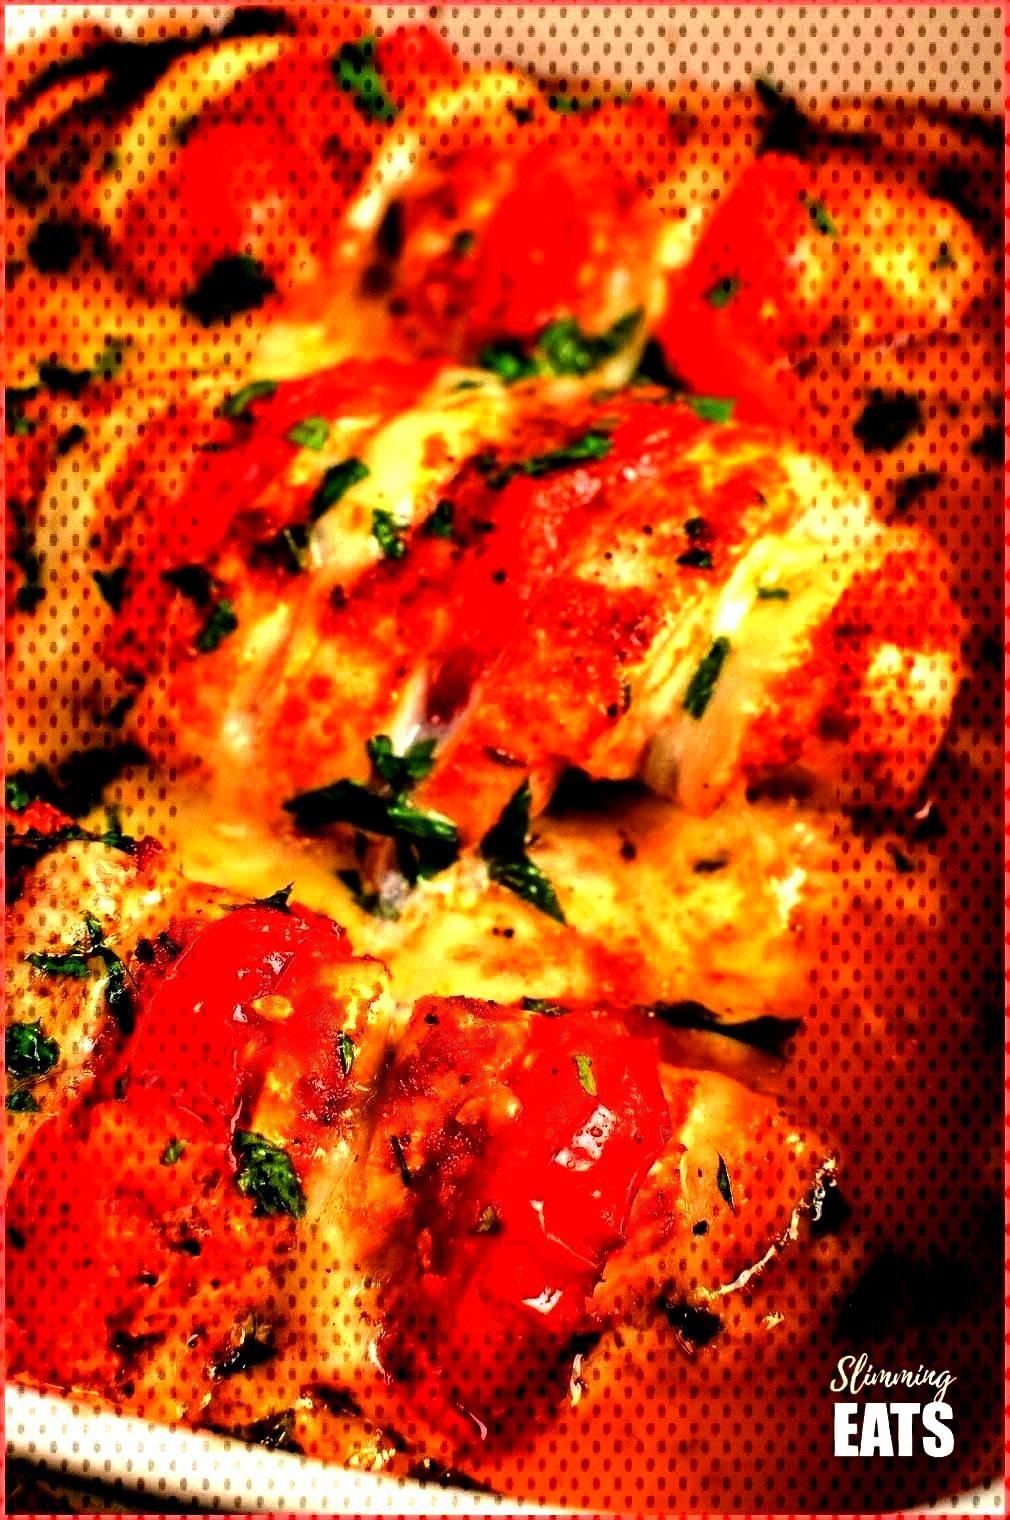 mozzarella hasselback chicken in oven proof dish - - tomato and mozzarella hasselback chicken in ov